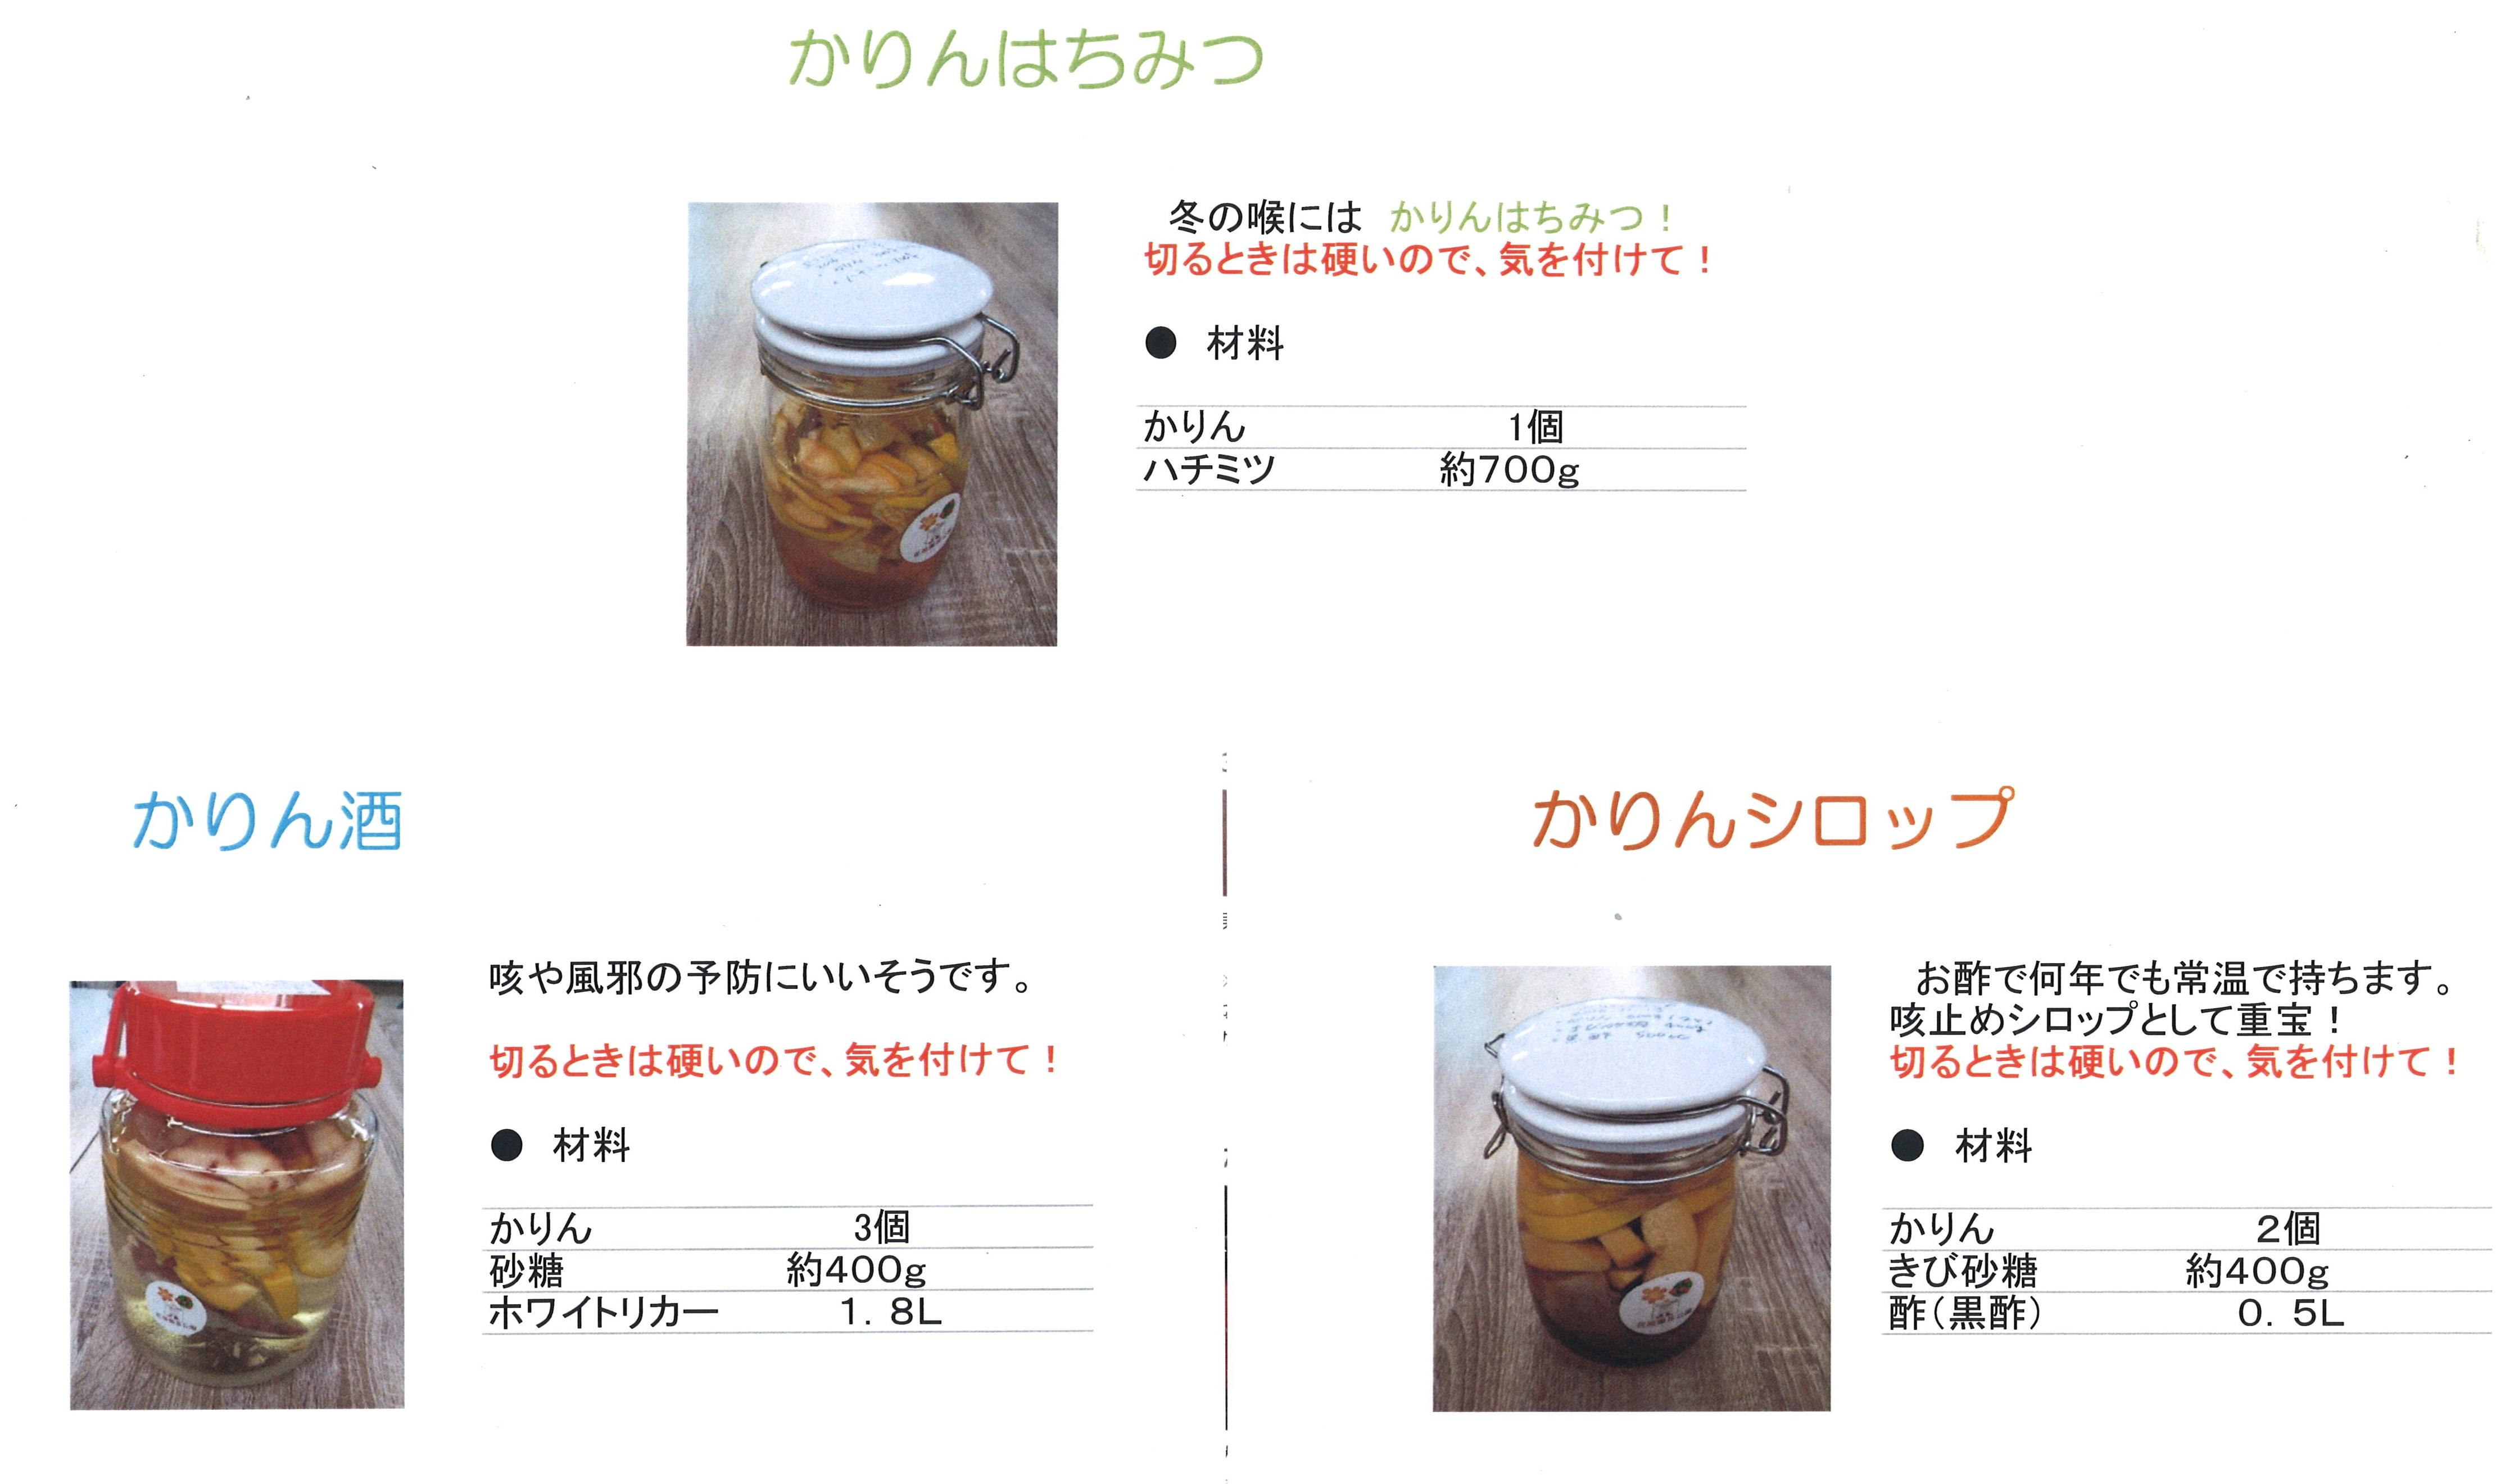 かりんのレシピ